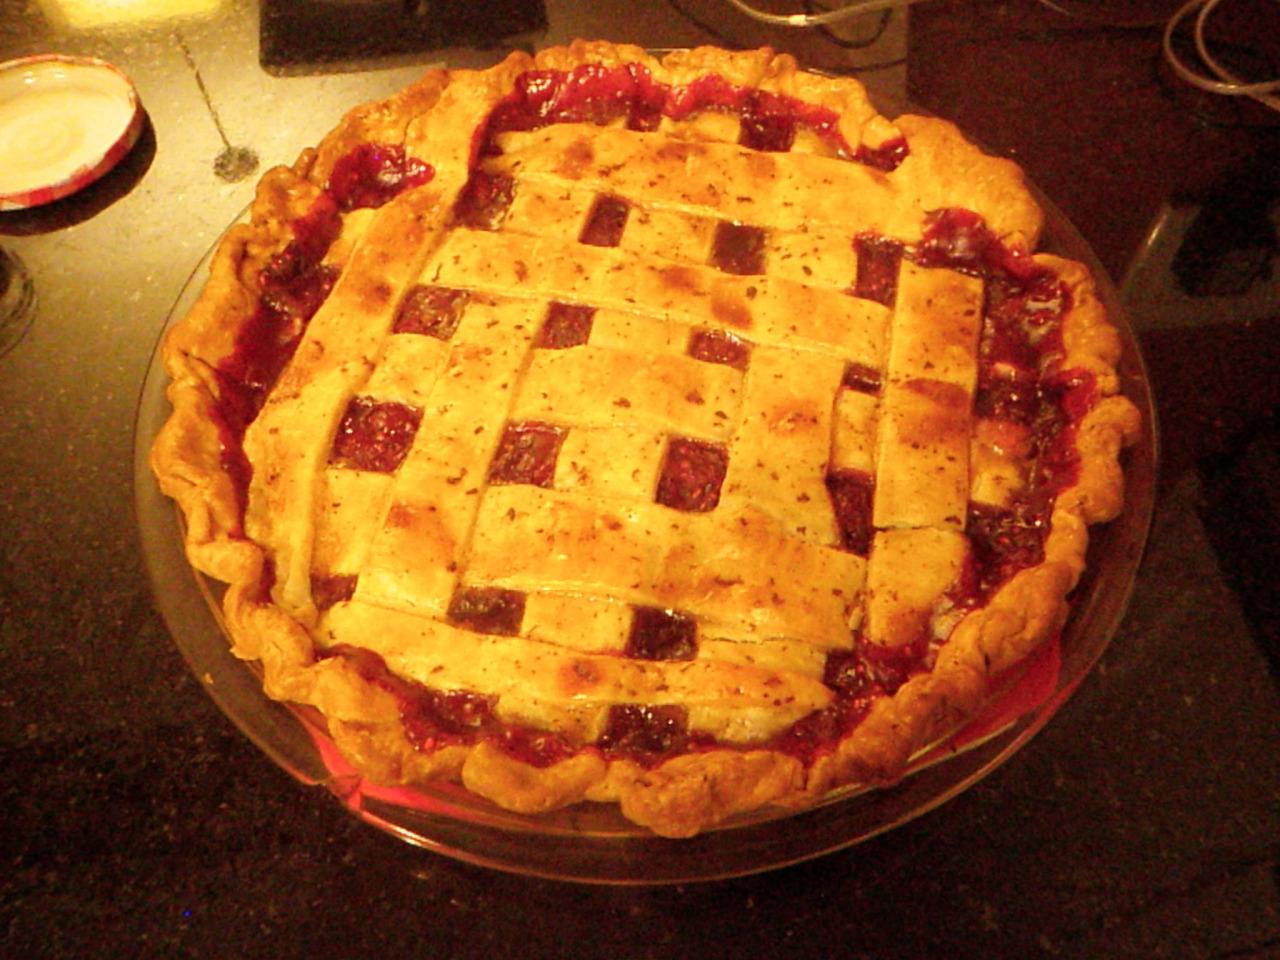 pie by Norlock